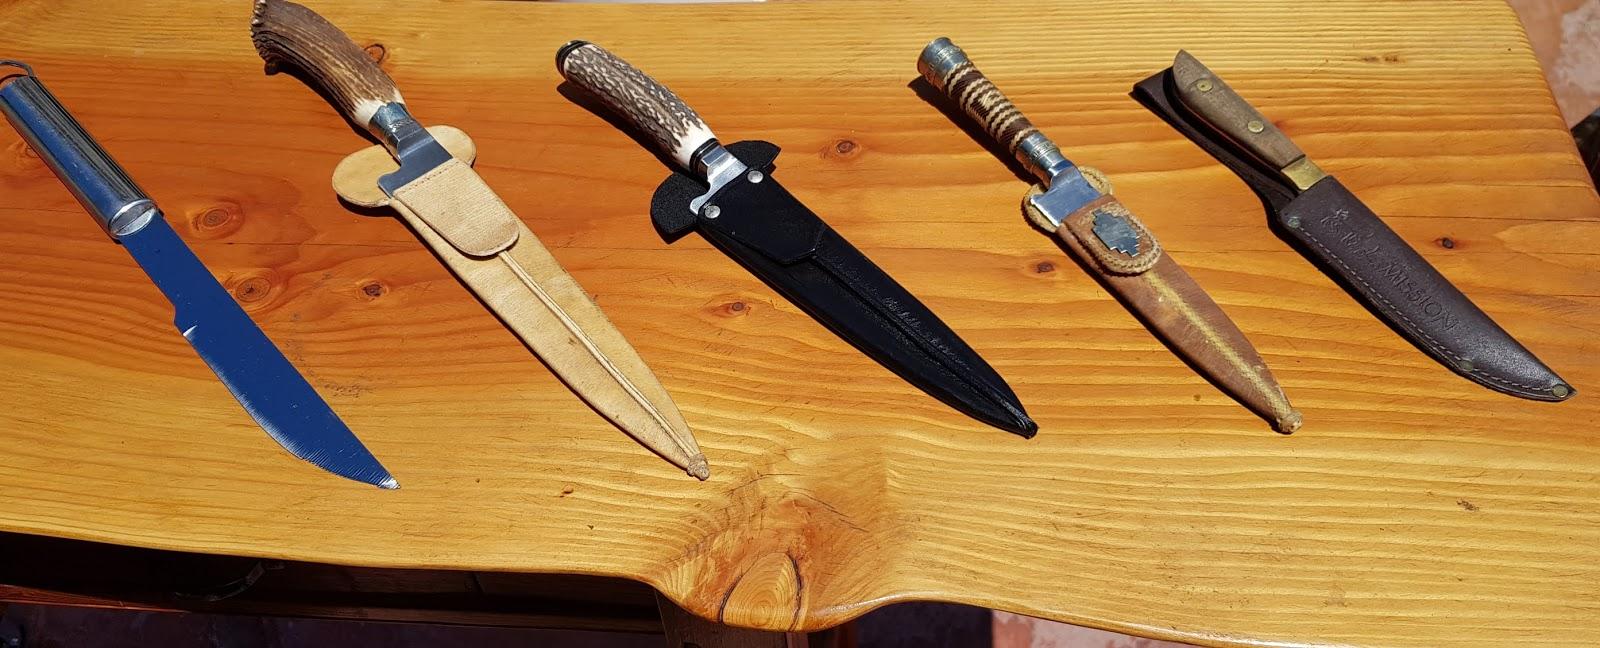 Cuchillos para una parrilla argentina